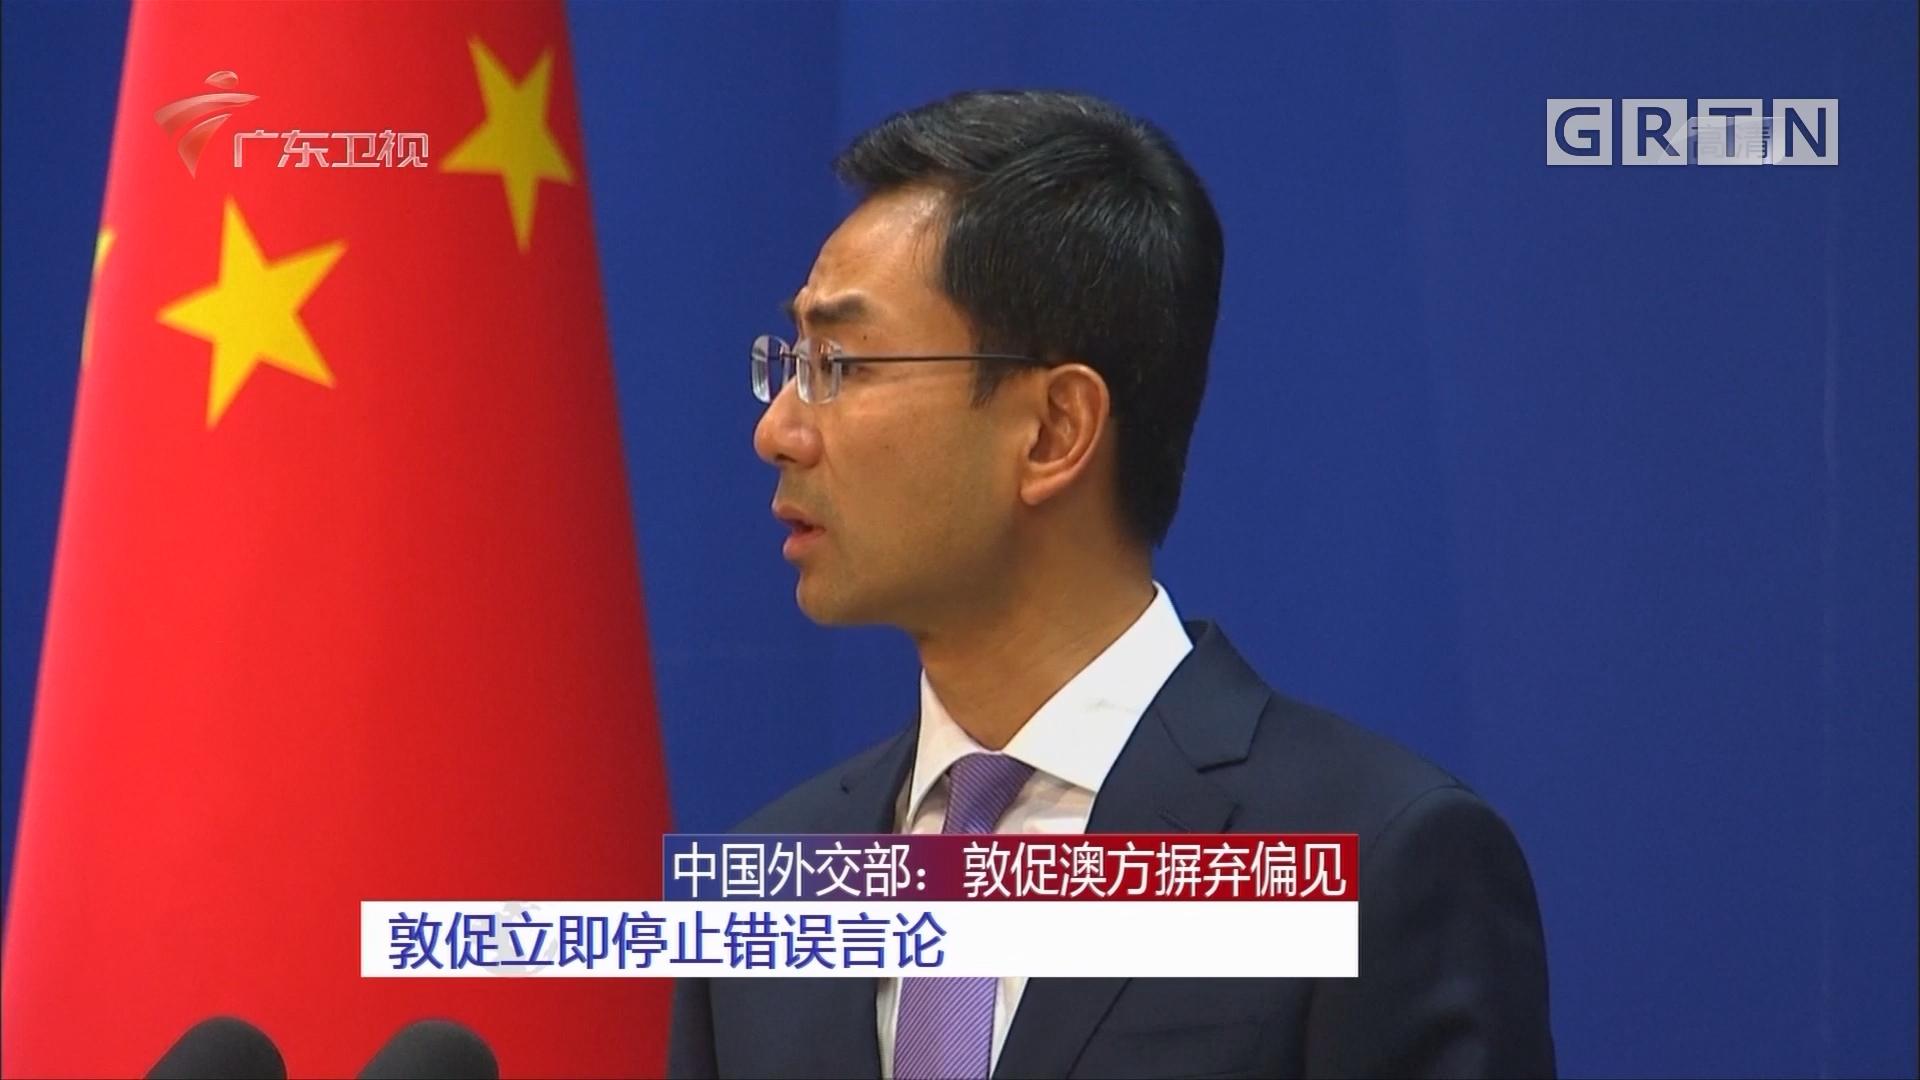 中国外交部:敦促澳方摒弃偏见 个别澳政客缺少阳光心态